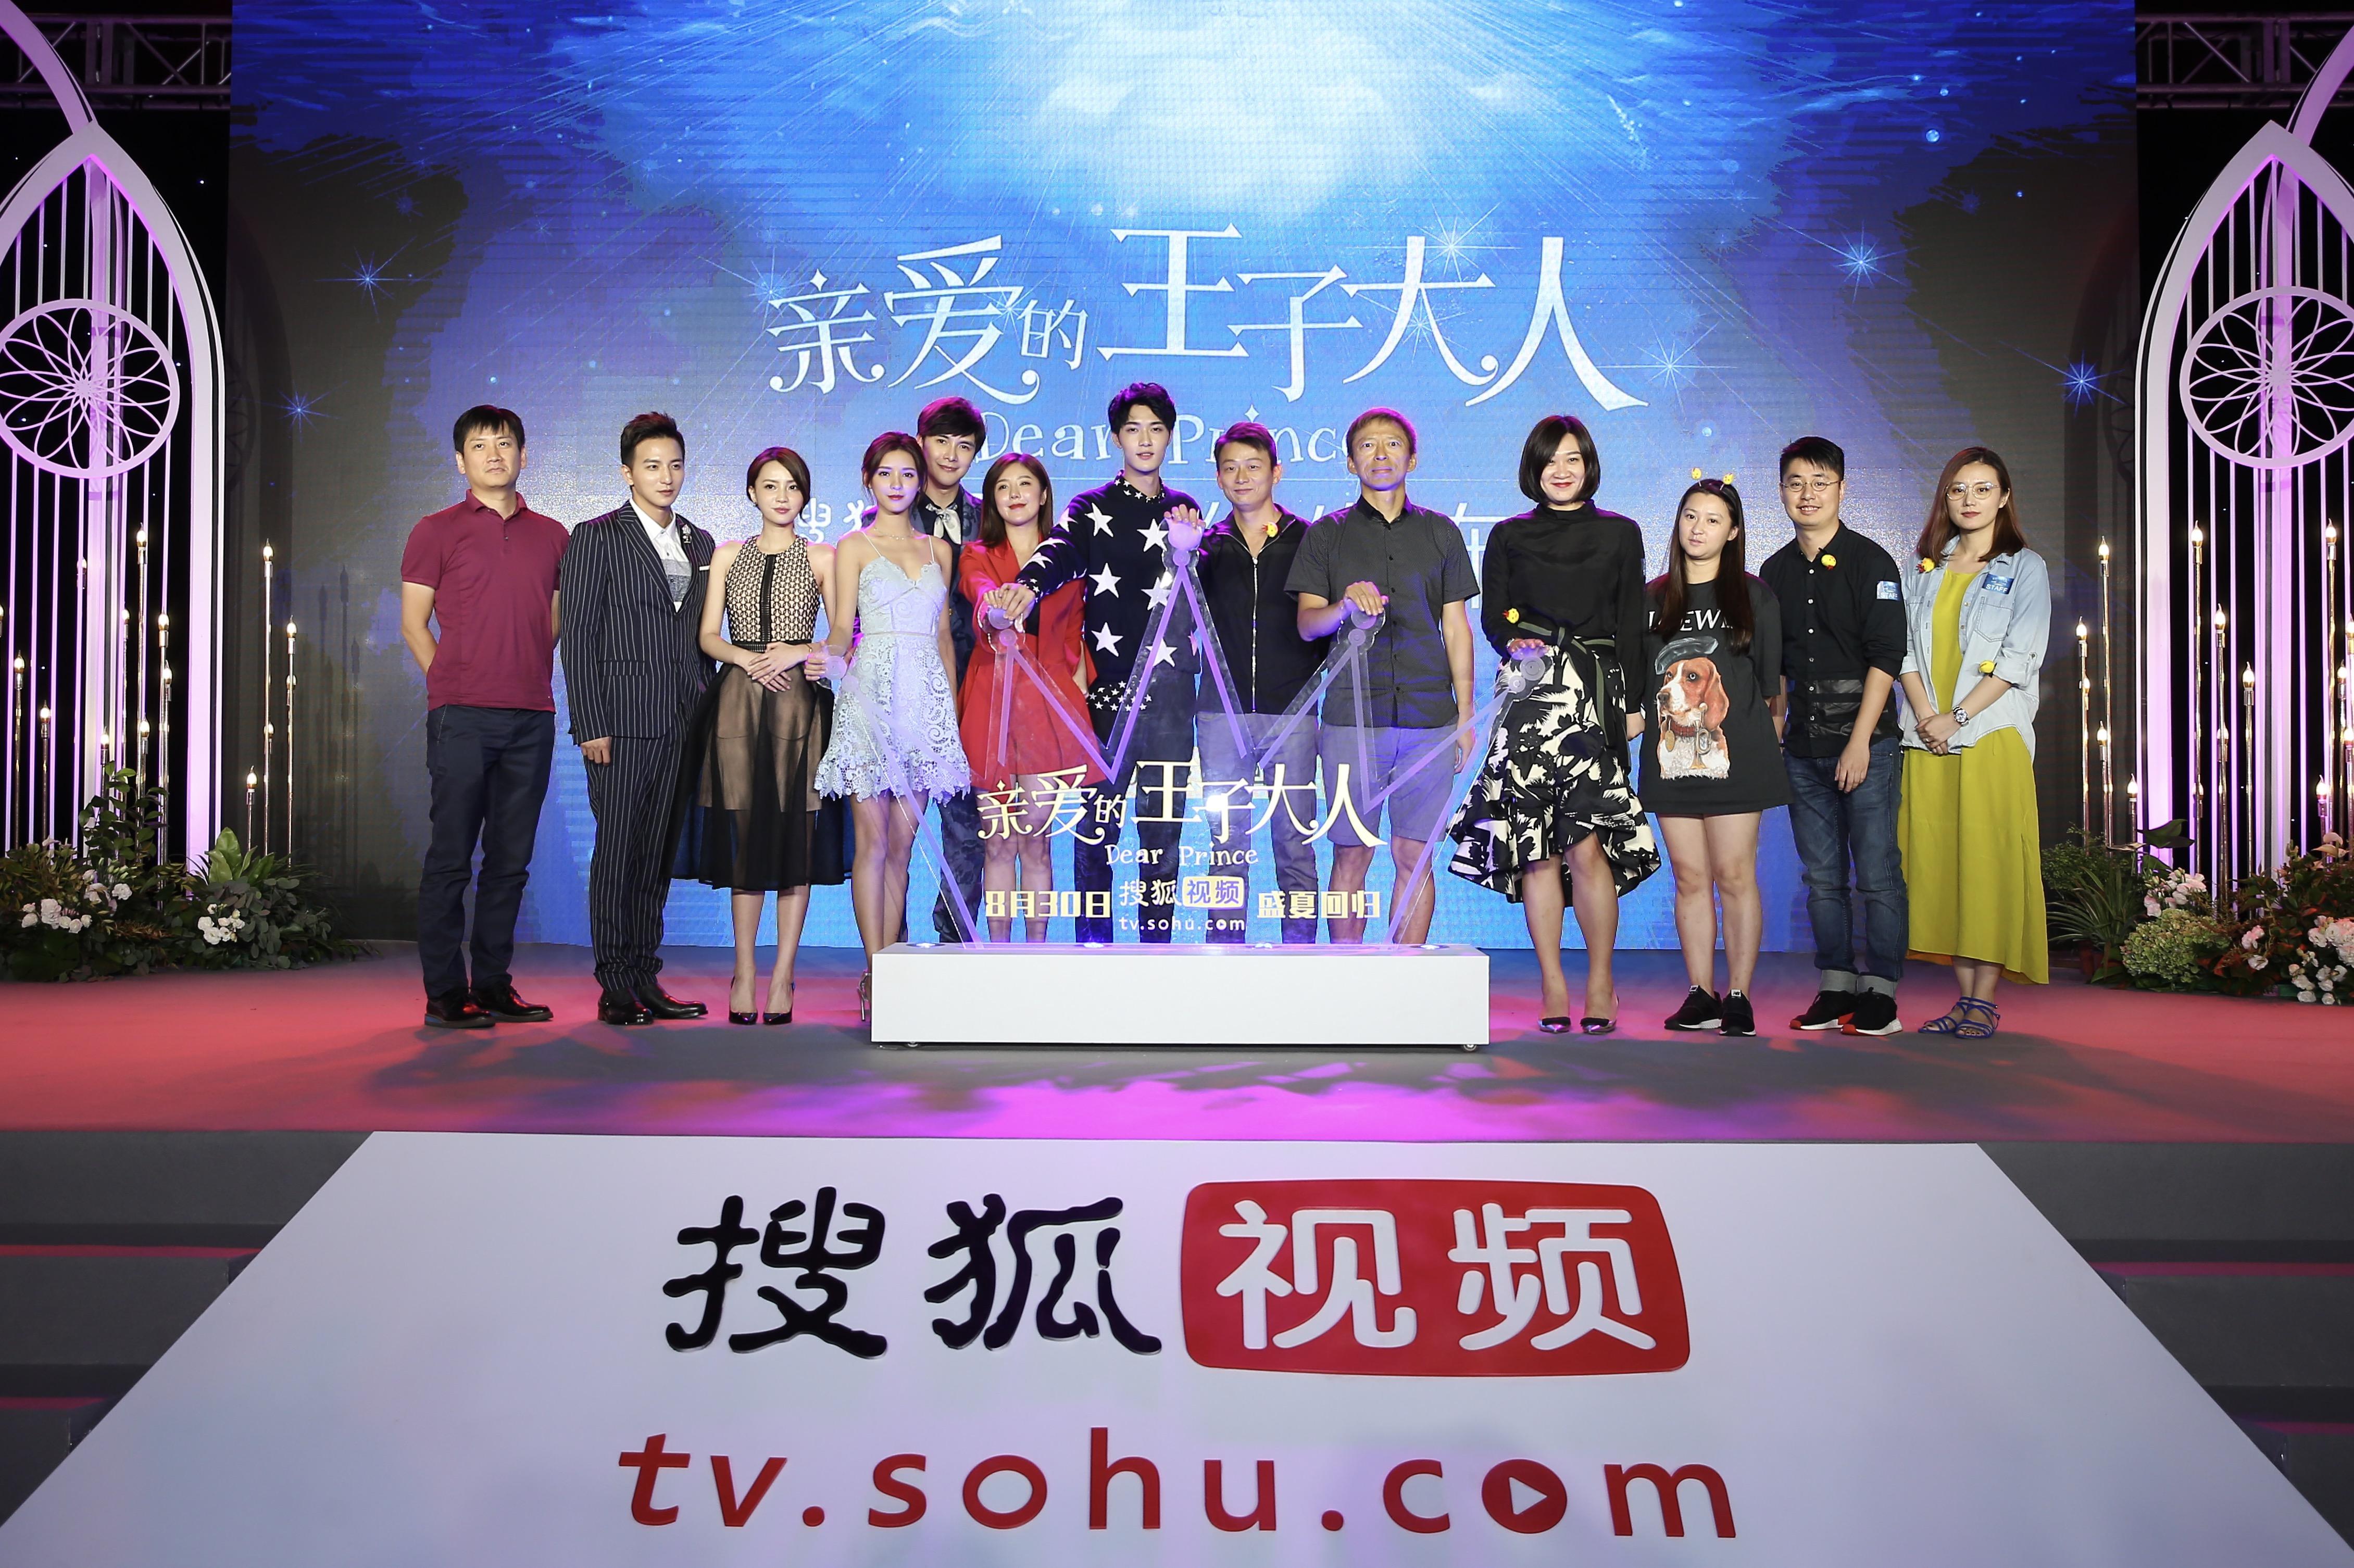 搜狐视频《亲爱的王子大人》 上线  张予曦领跑秋季档